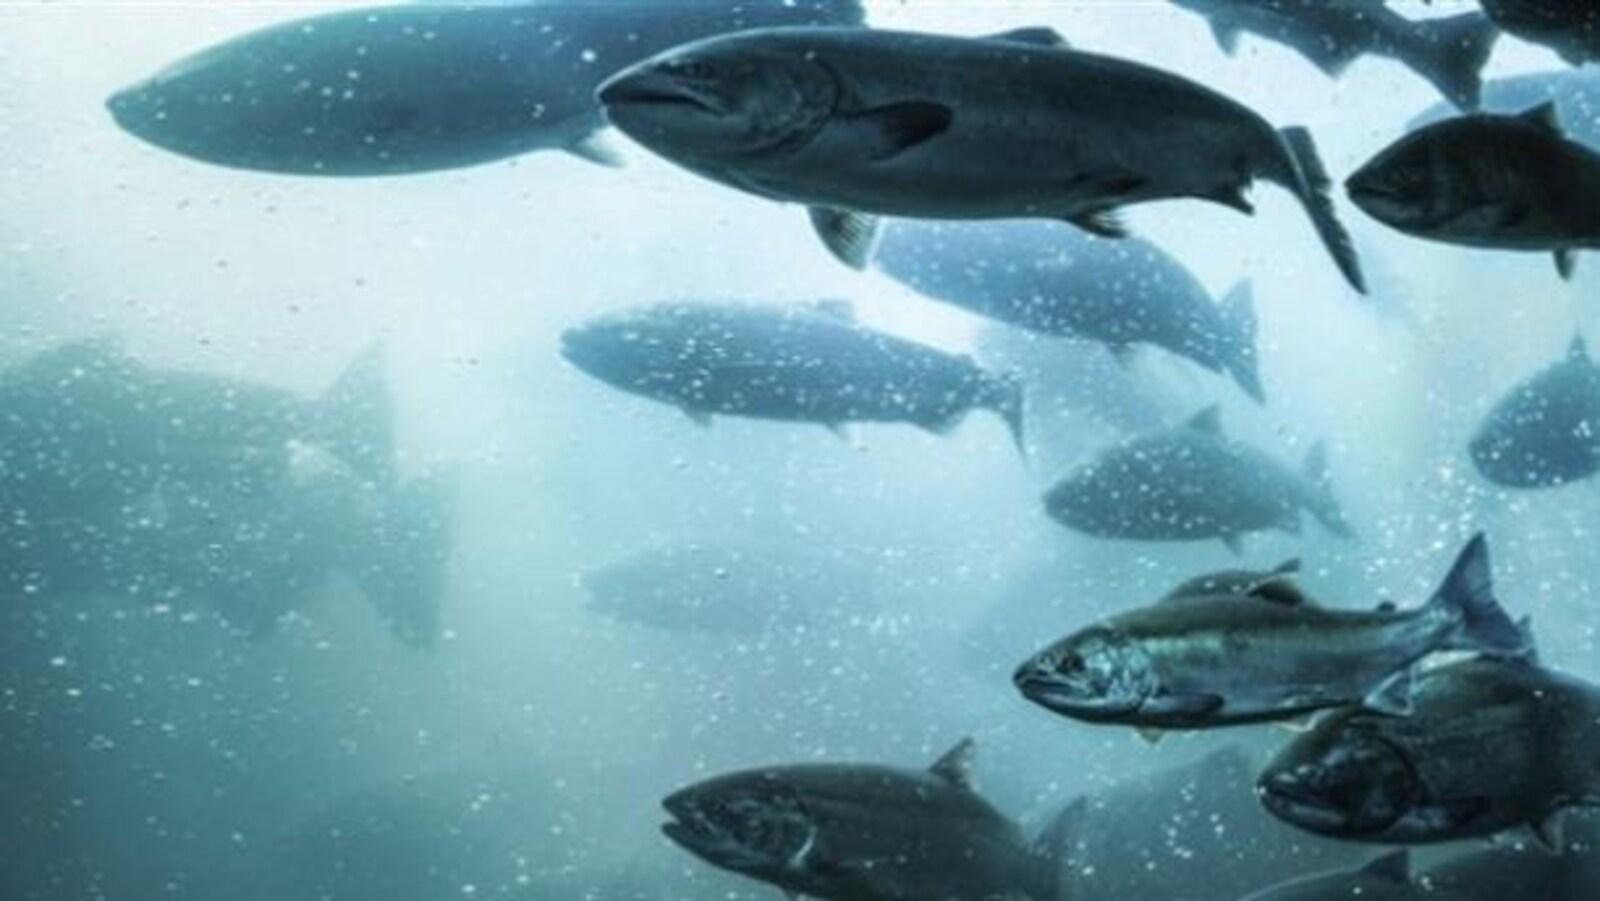 Des saumons sont en train de nager.